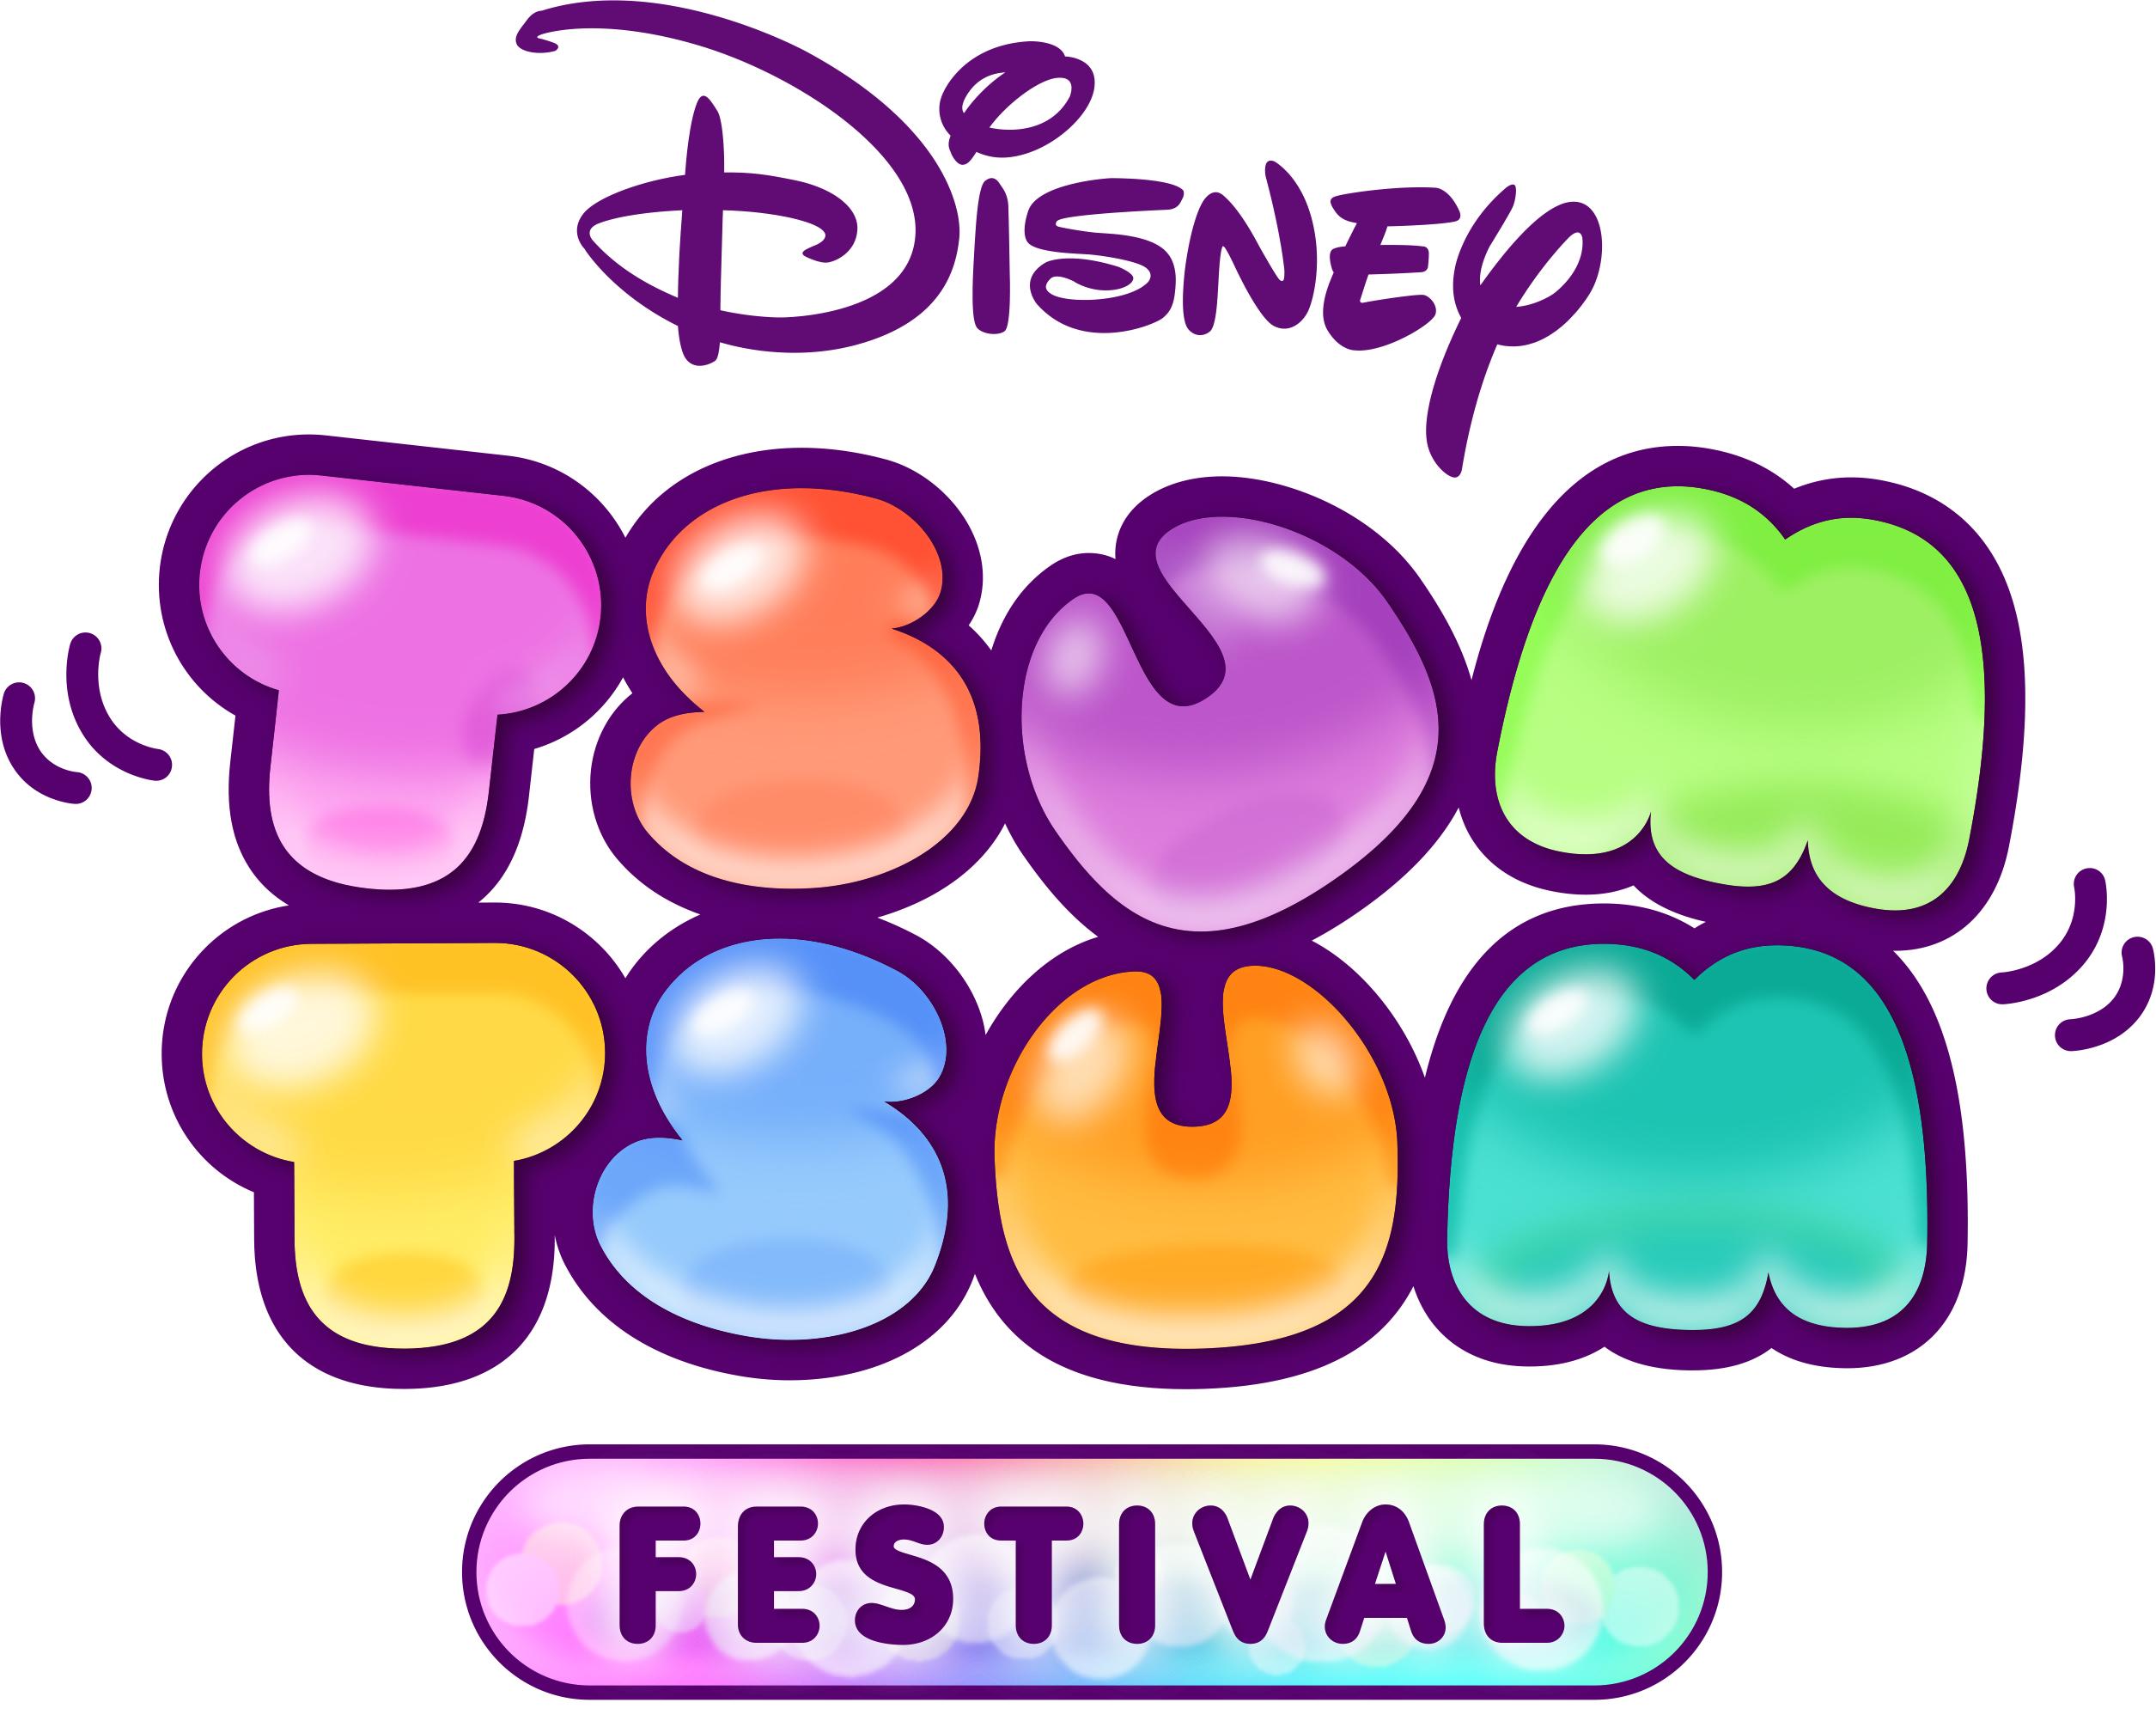 Disney's Tsum Tsum Festival logo